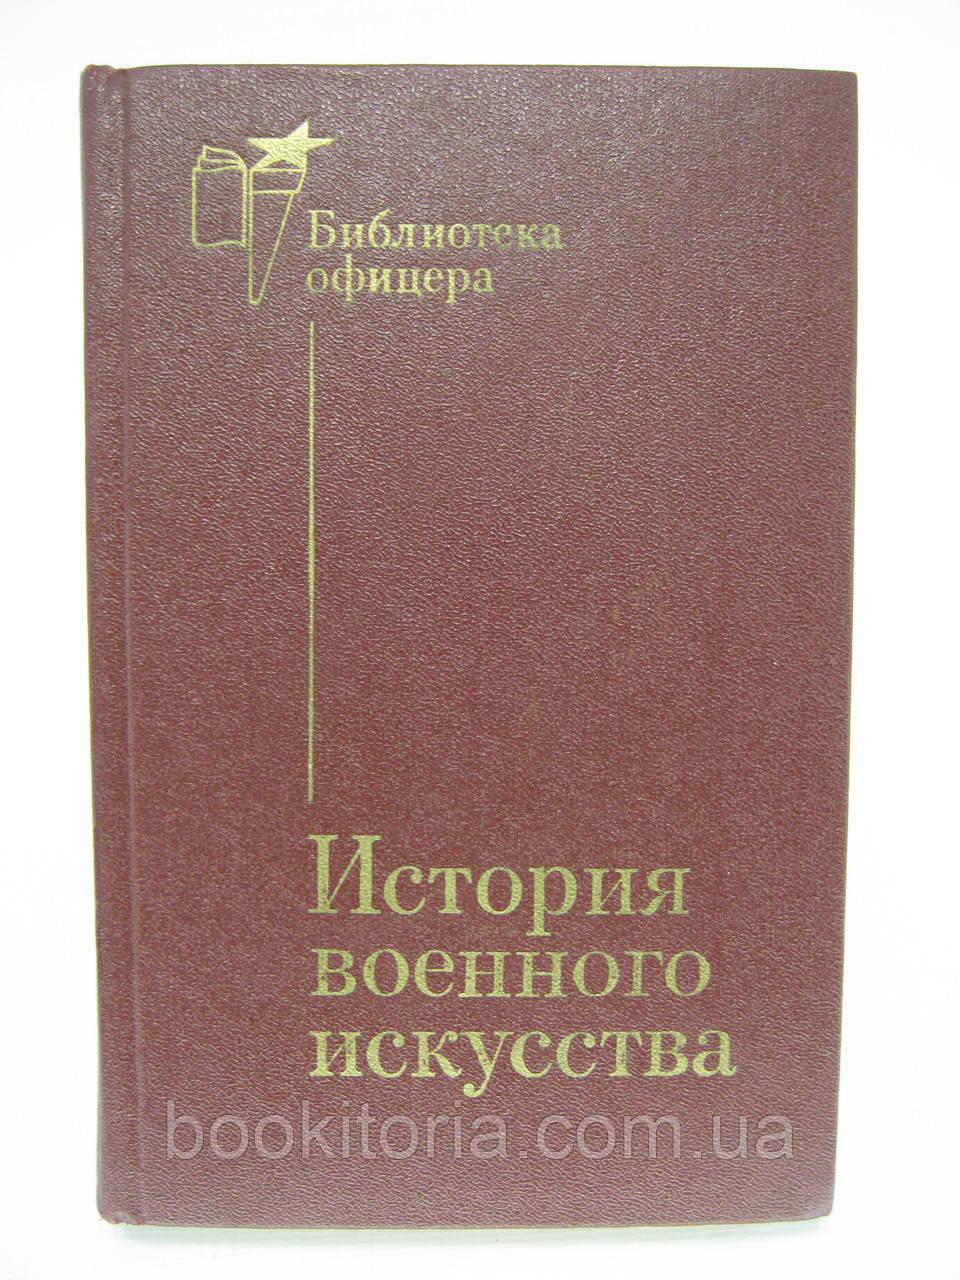 История военного искусства (б/у).